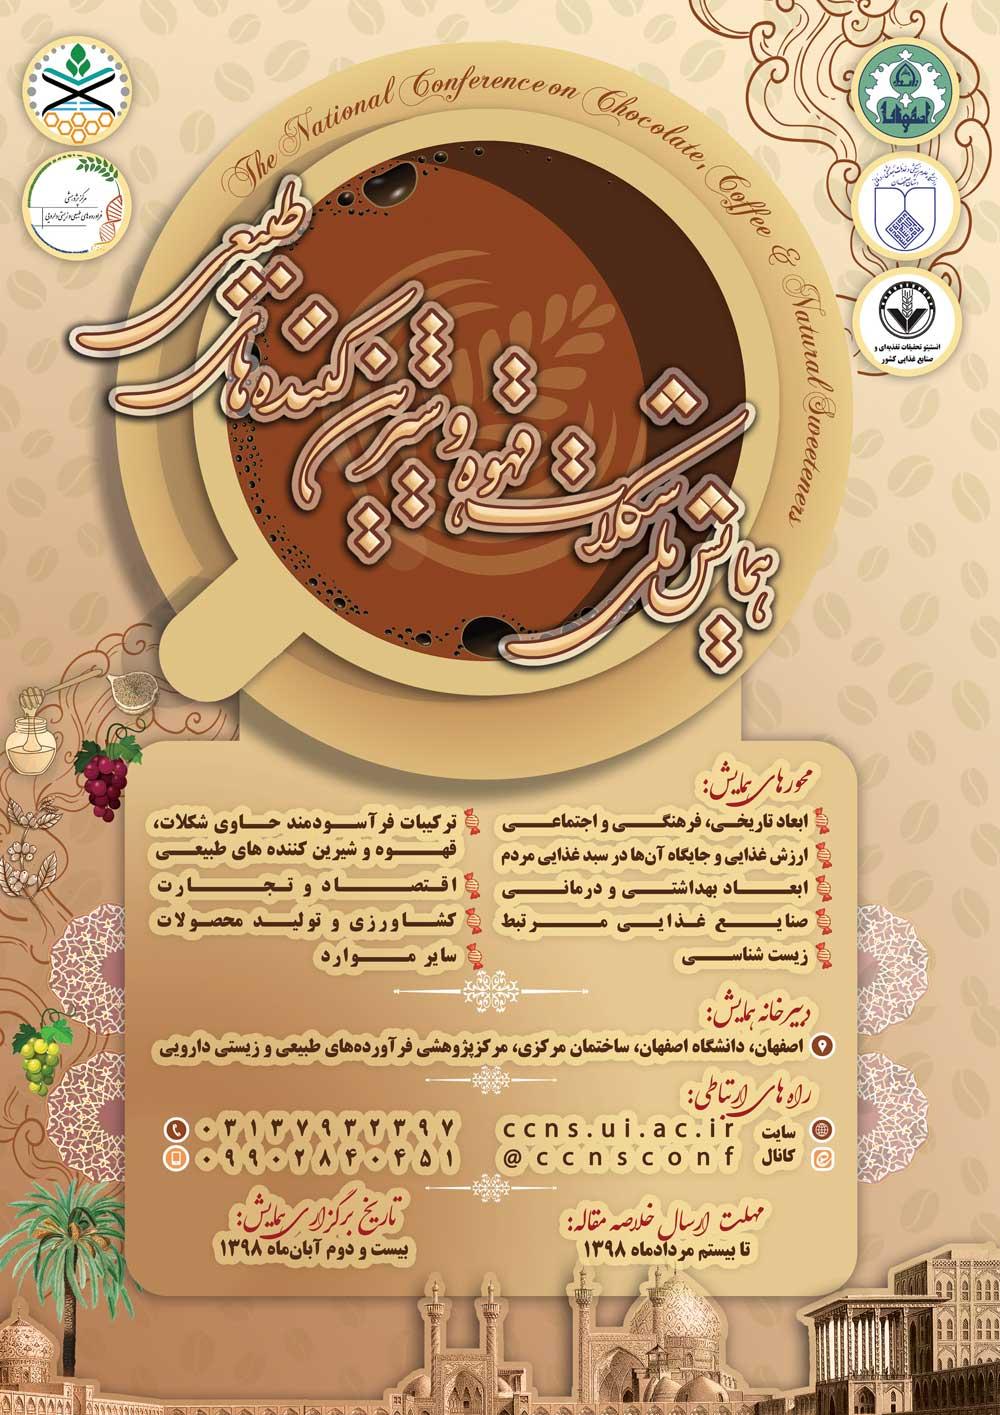 همایش قهوه و شکلات در دانشگاه اصفهان